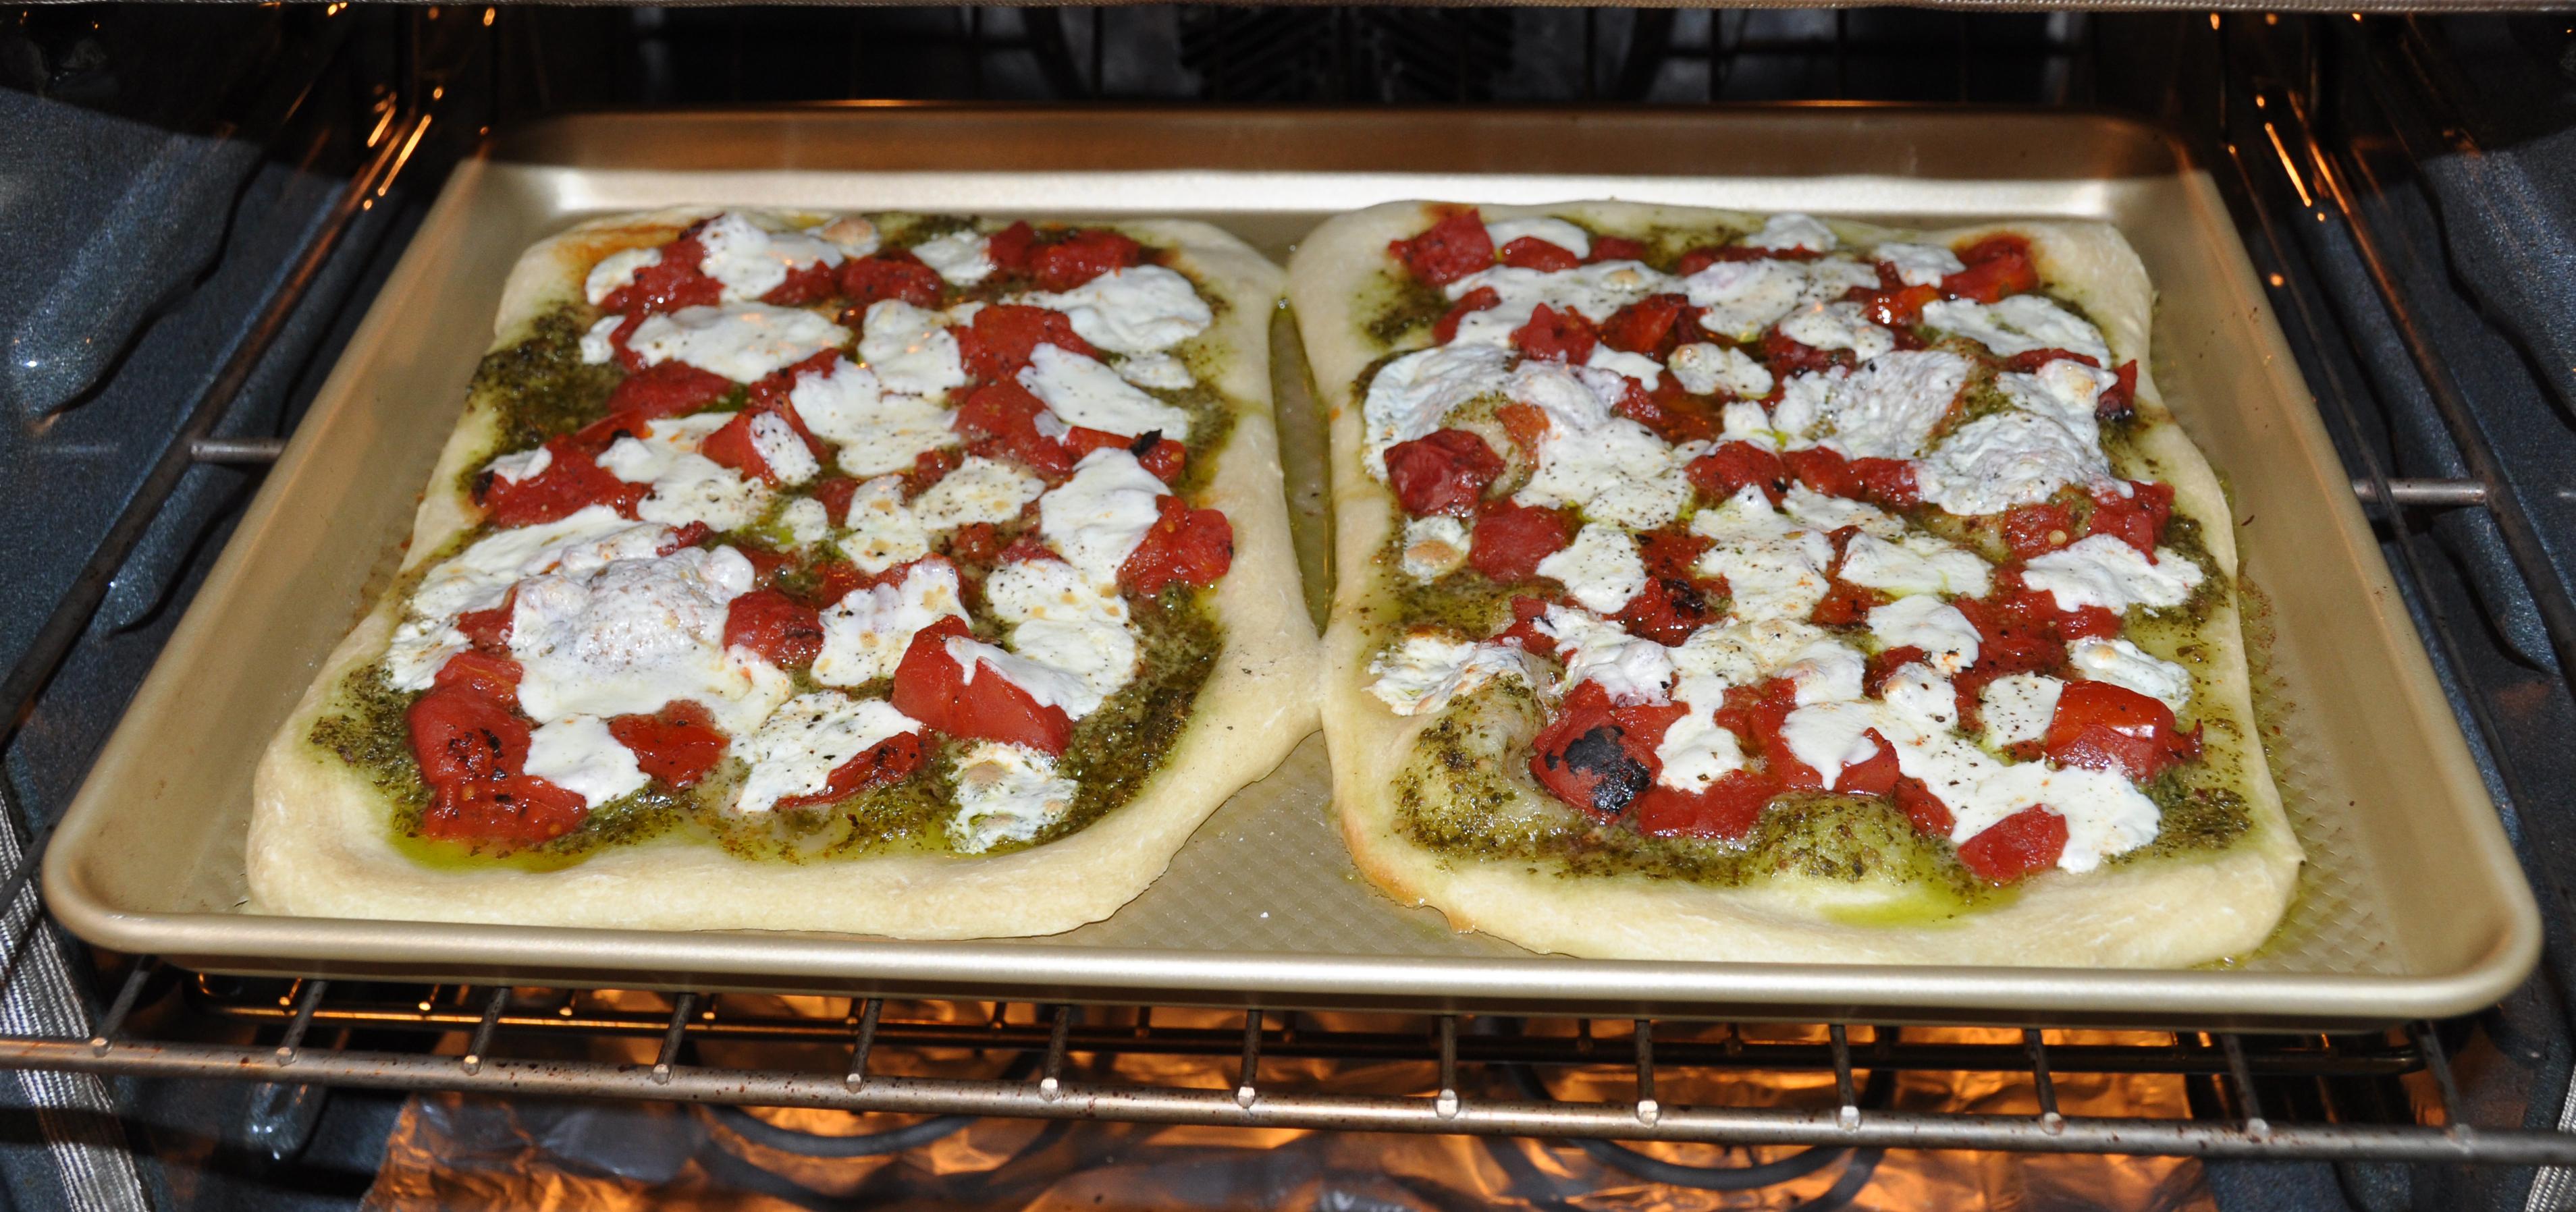 Mozzarella And Tomato Pizza